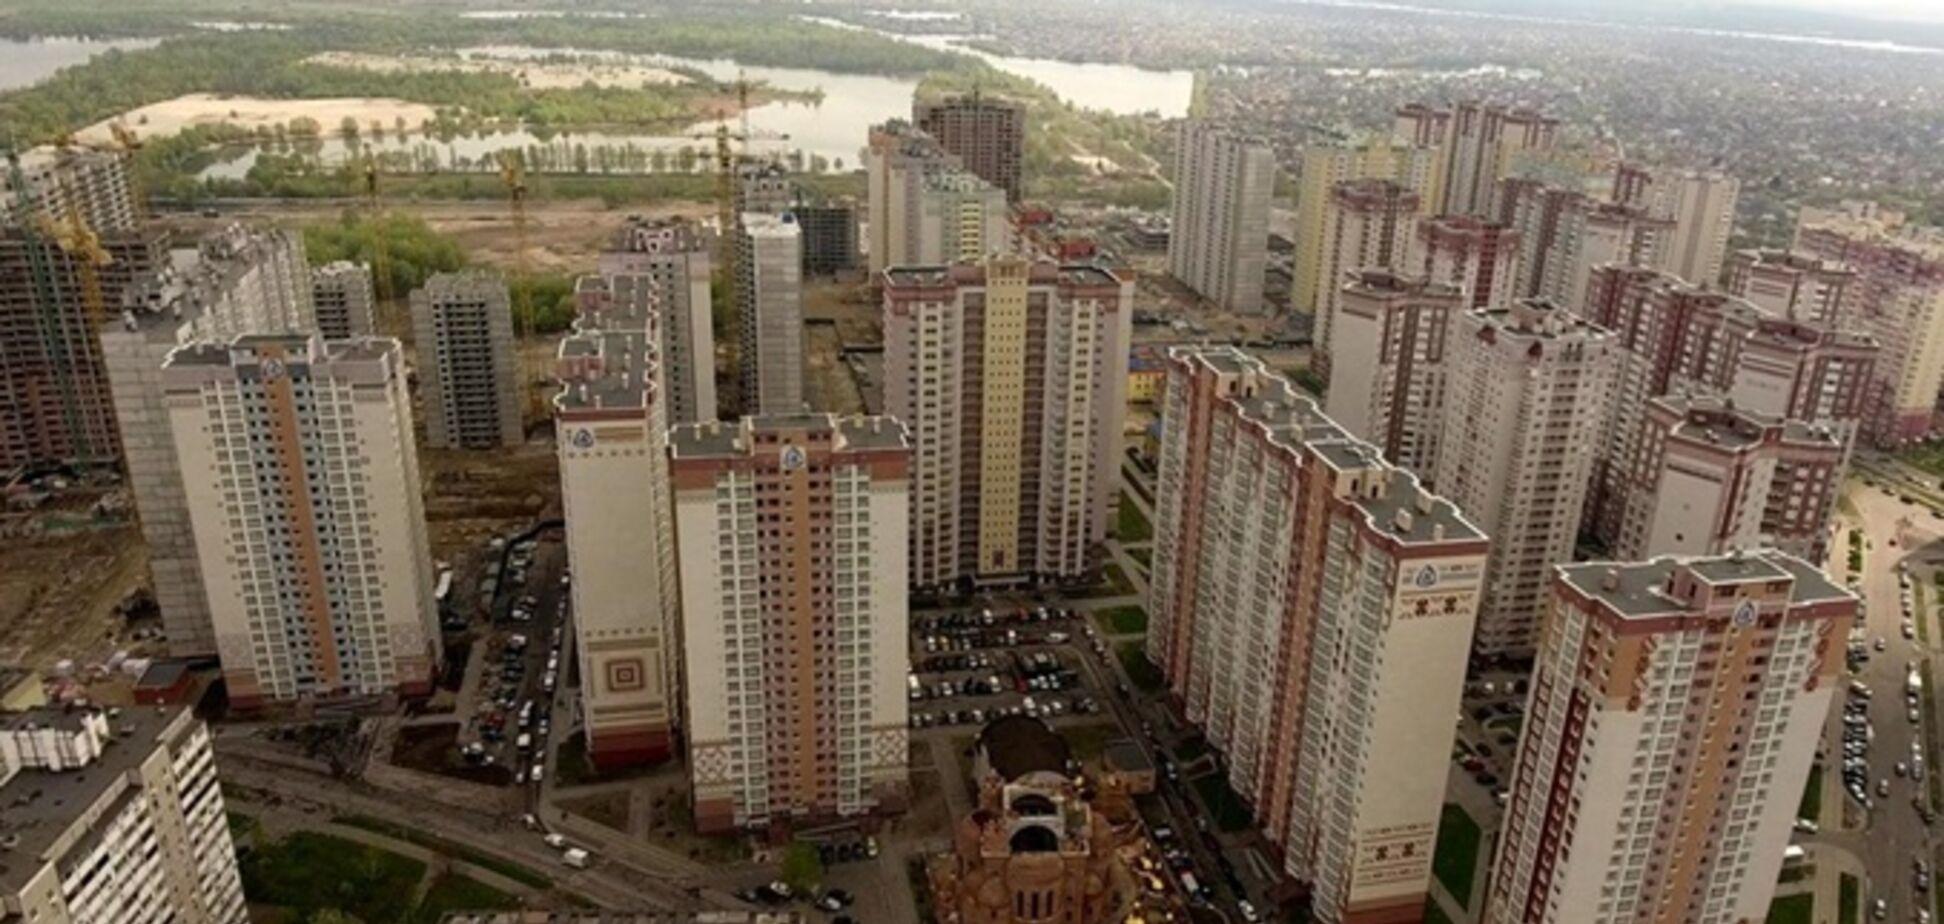 Патриотика на озерах. Источник: Где в Киеве жить хорошо?